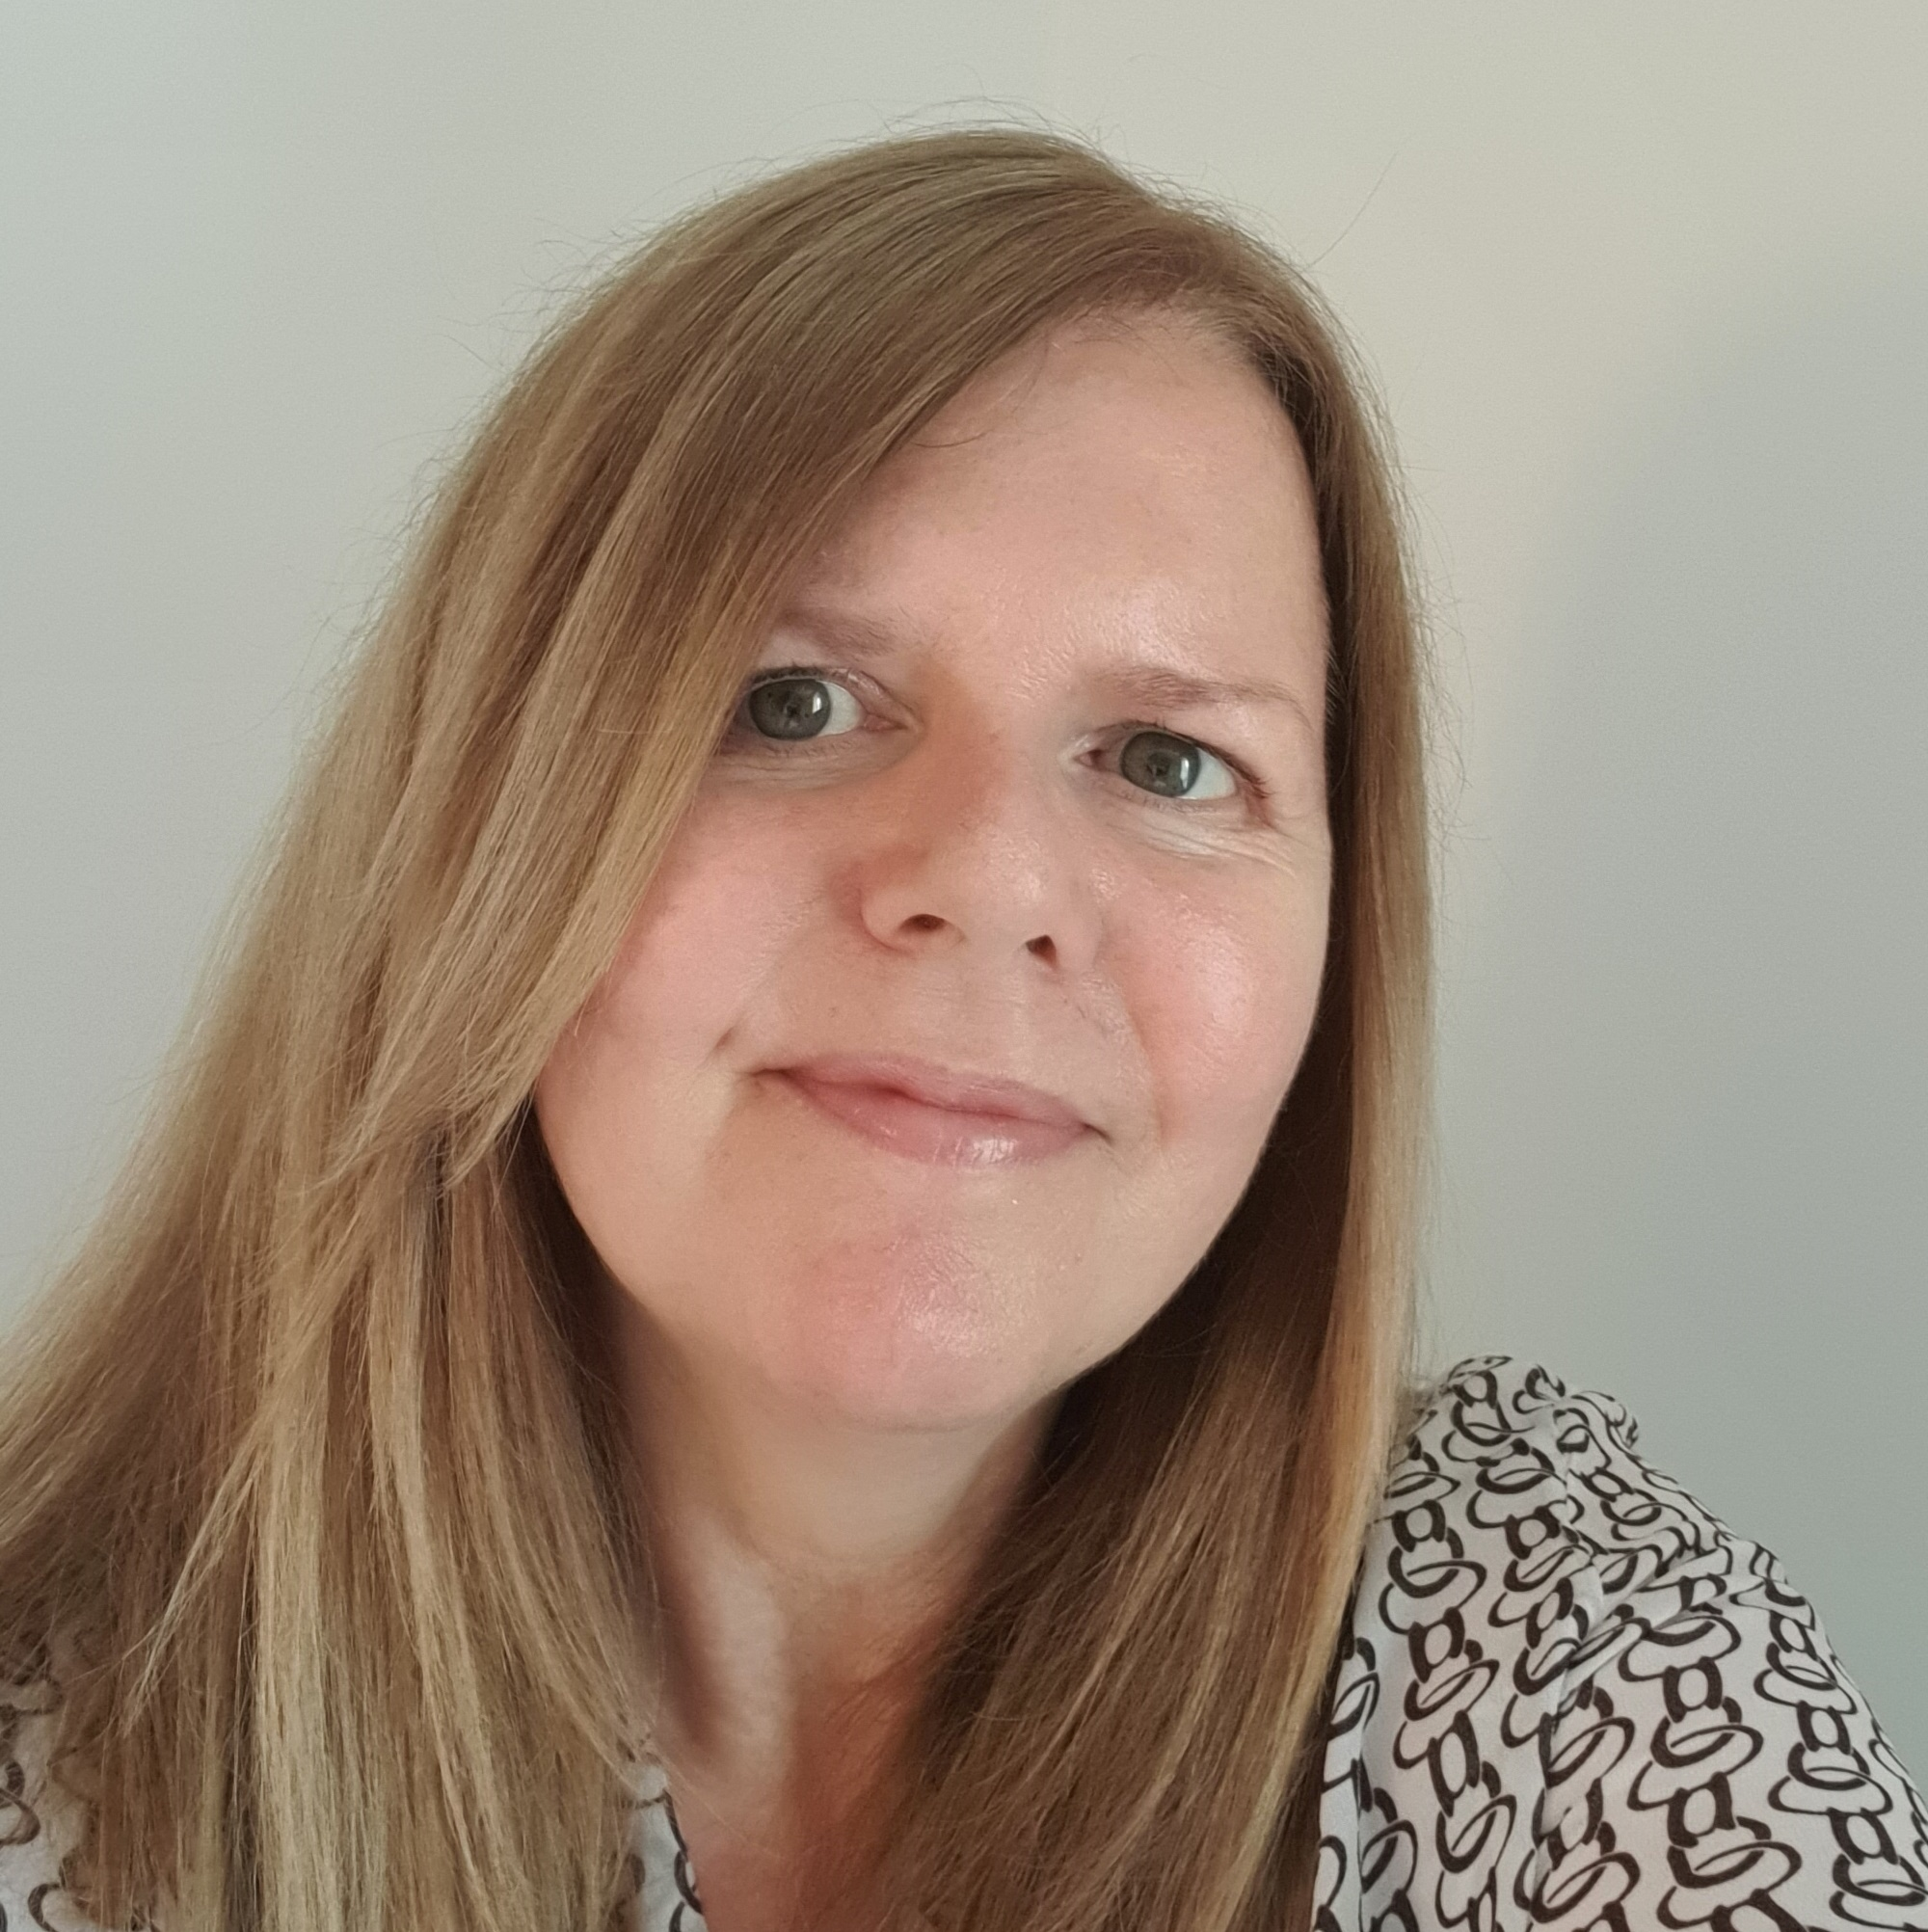 Joanne Clifton